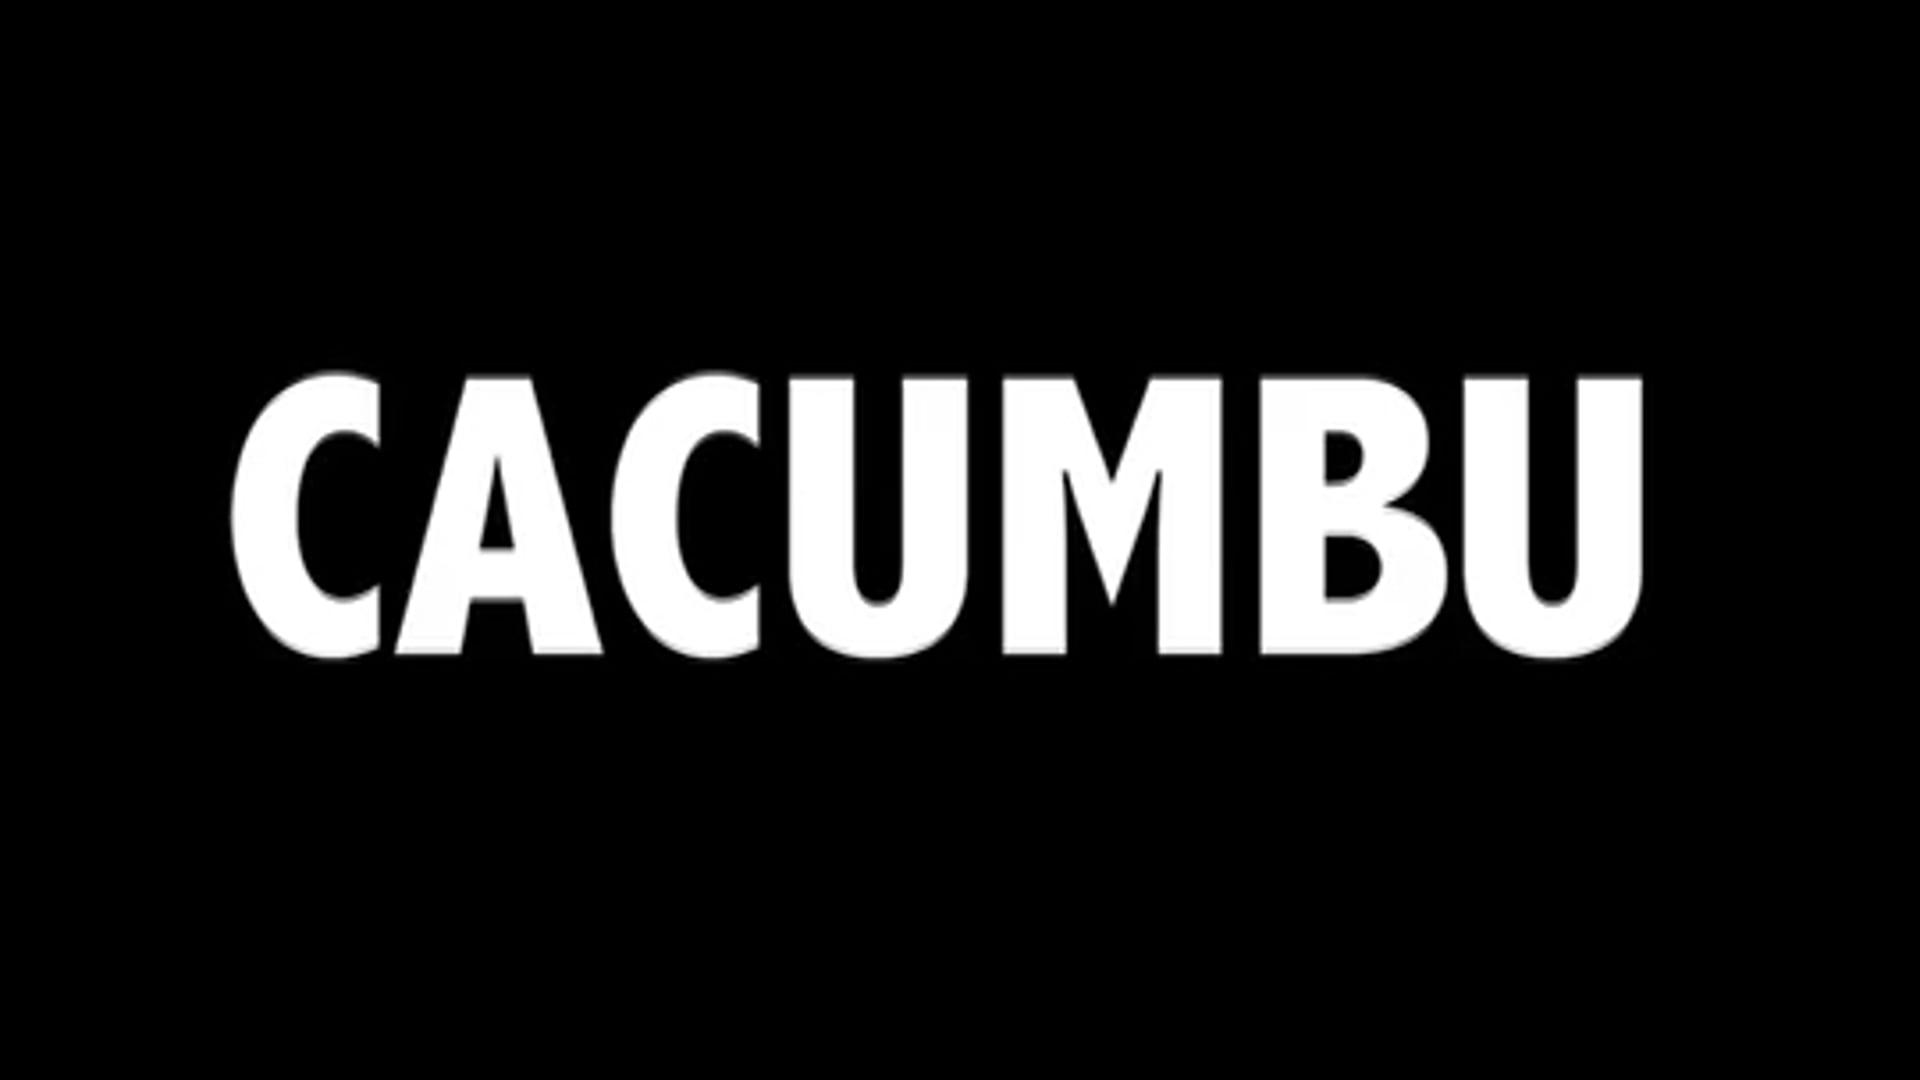 Cacumbu | Curta-metragem | 2018